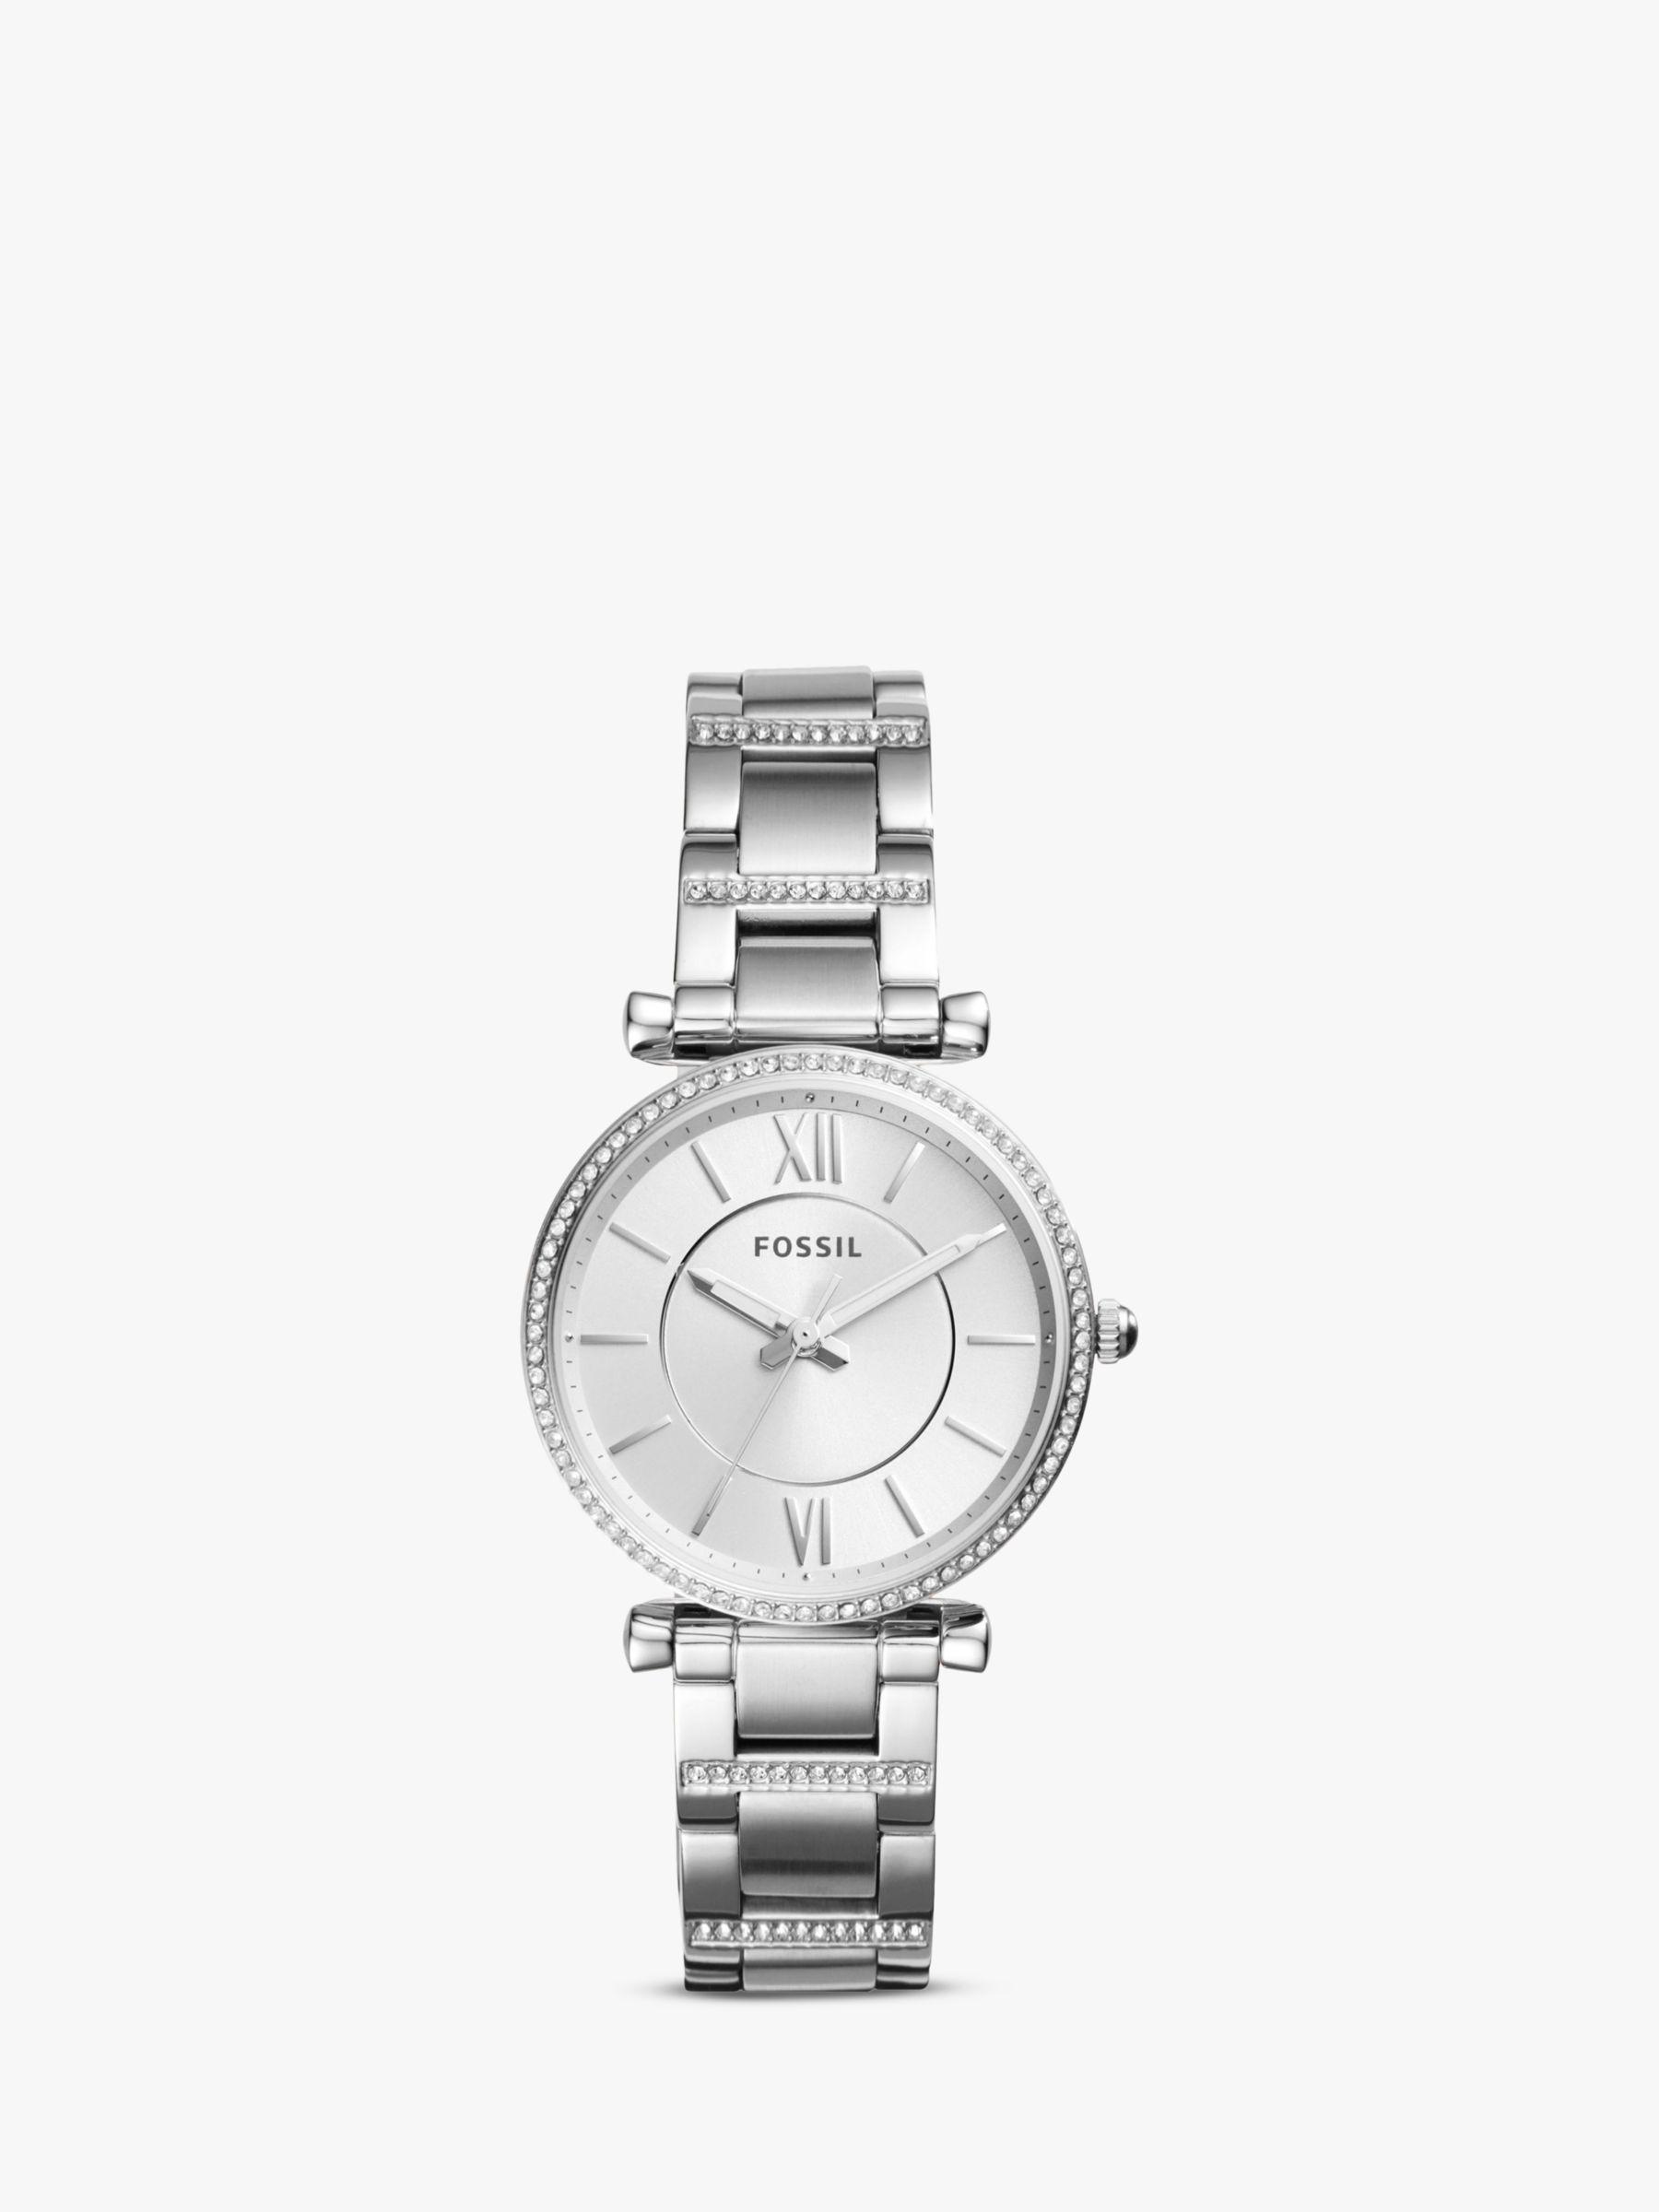 Fossil Fossil ES4341 Women's Carlie Bracelet Strap Watch, Silver